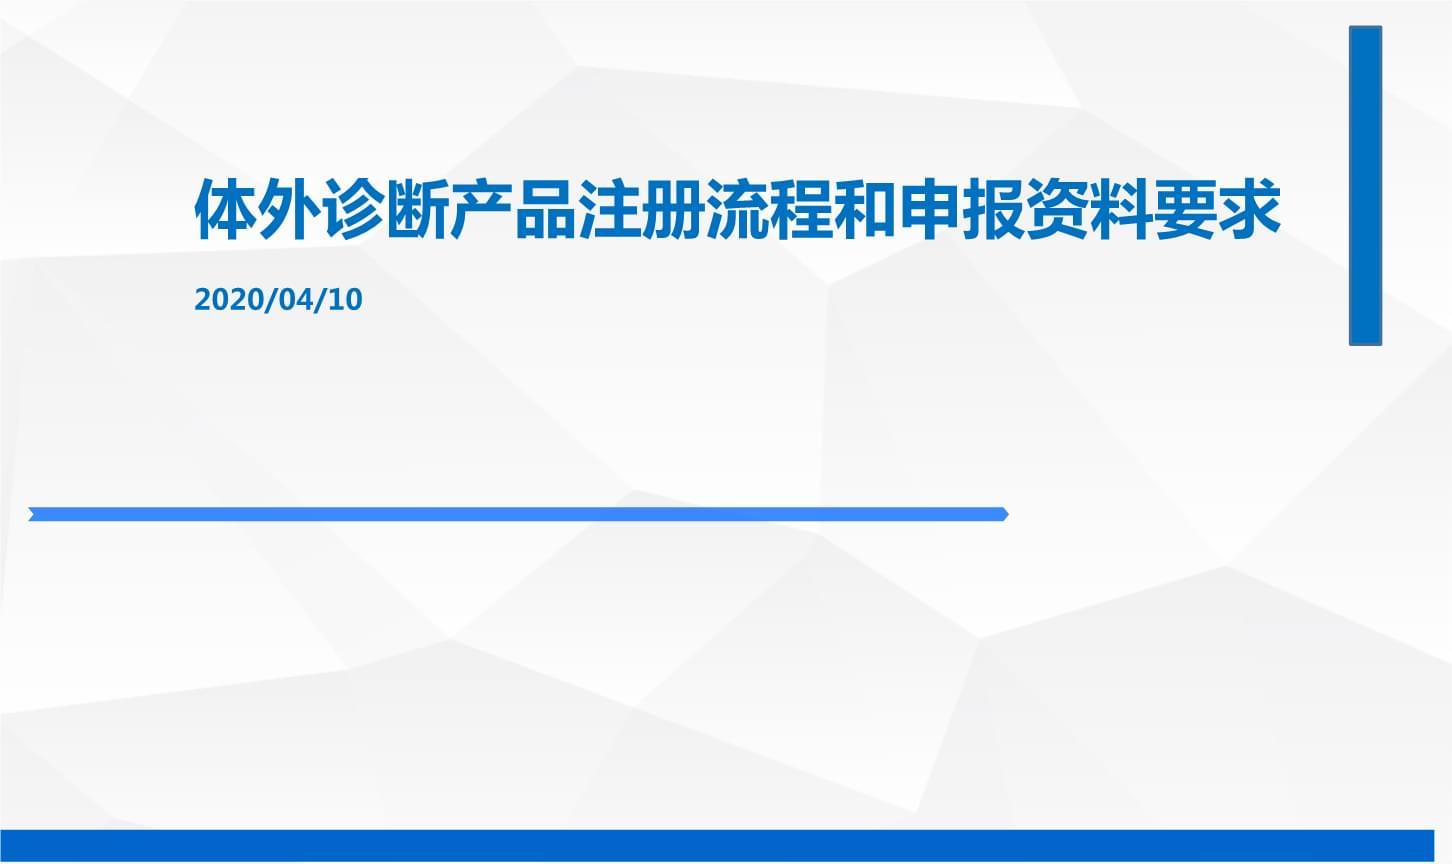 体外诊断产品注册流程及申报资料要求20200410.pptx